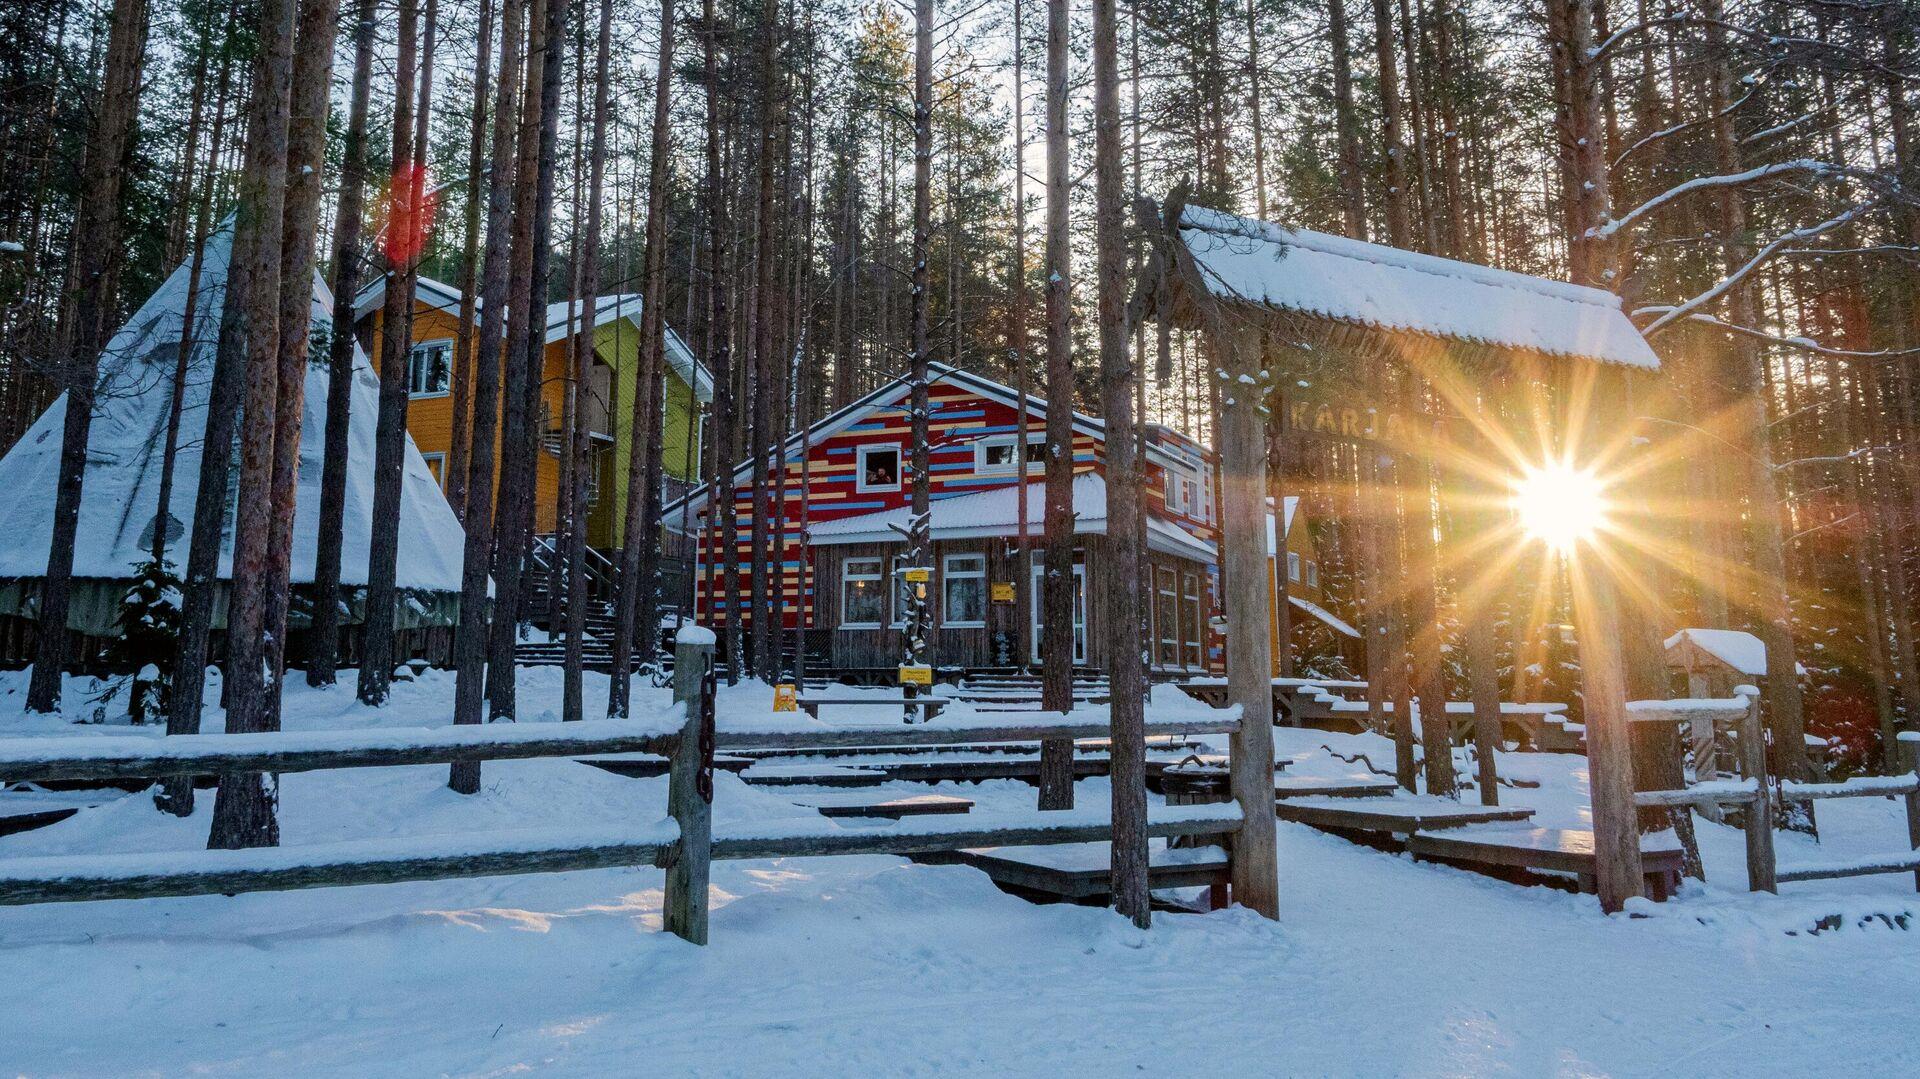 Туристический комплекс Карьяла Парк в Пряжинском районе Карелии - РИА Новости, 1920, 25.12.2020